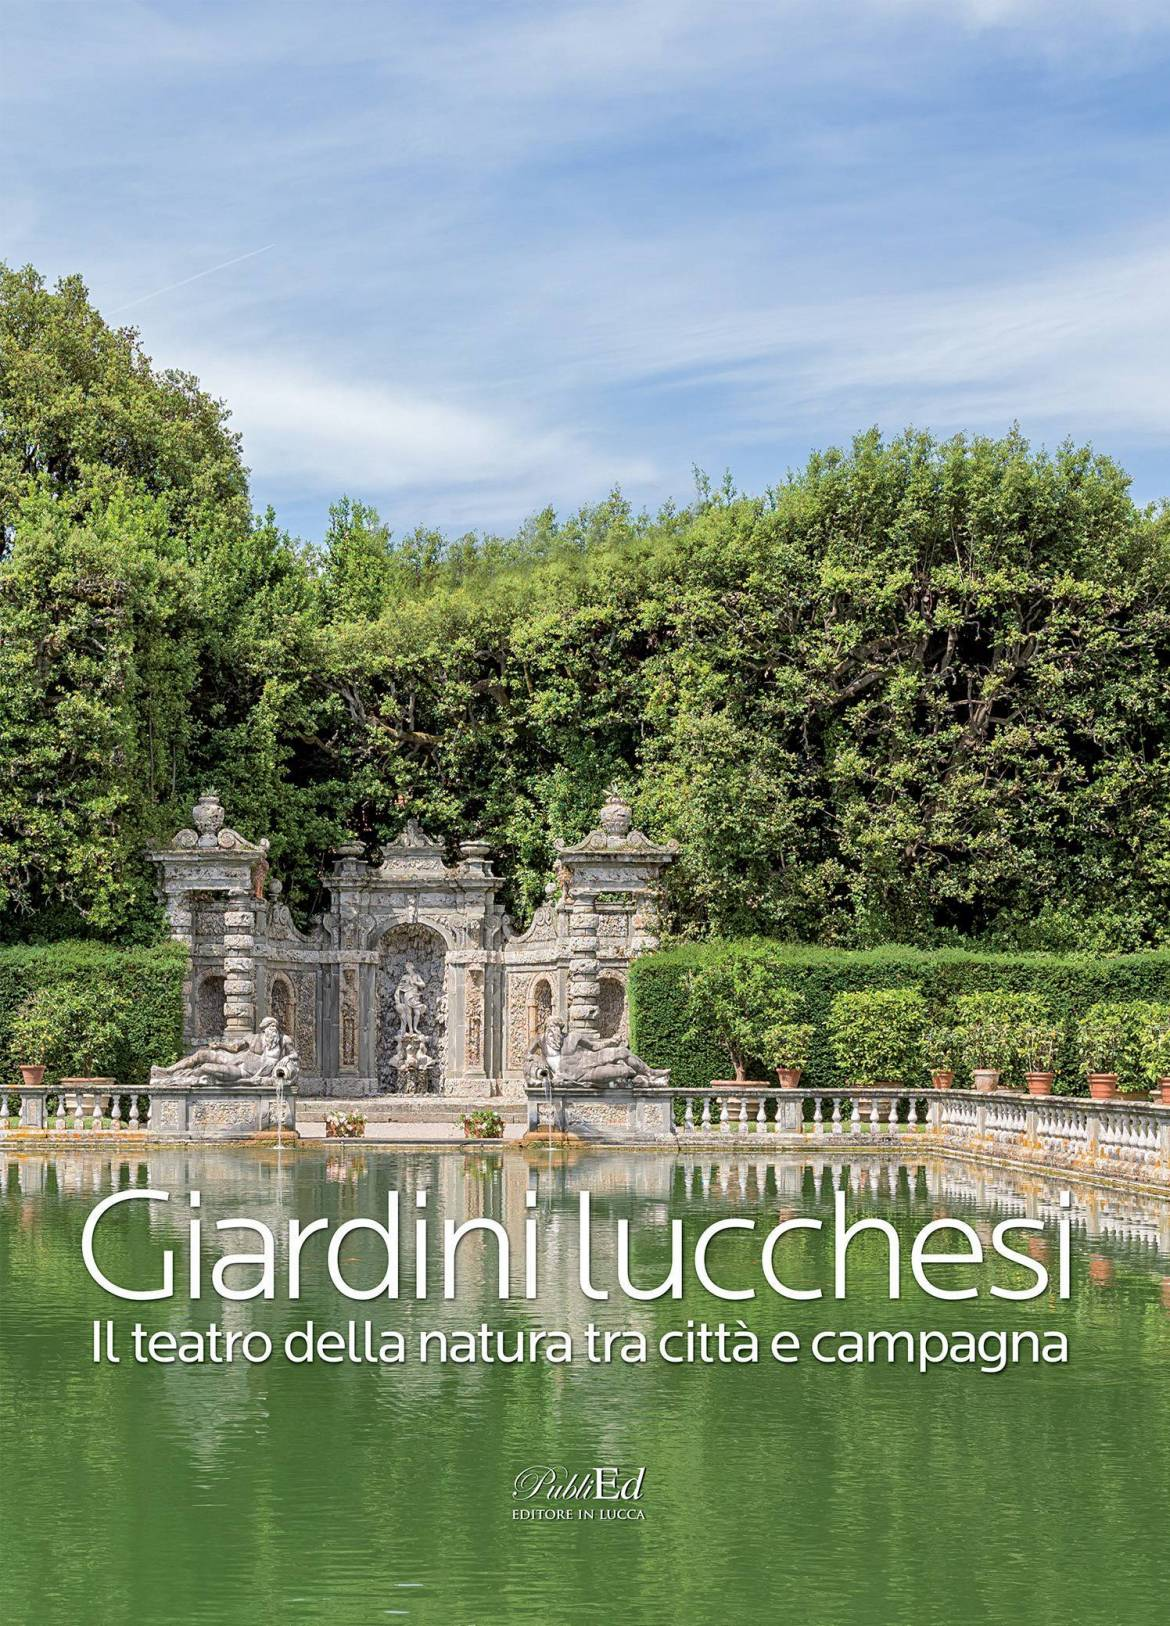 giardini-lucchesi-e1560933259475.jpg